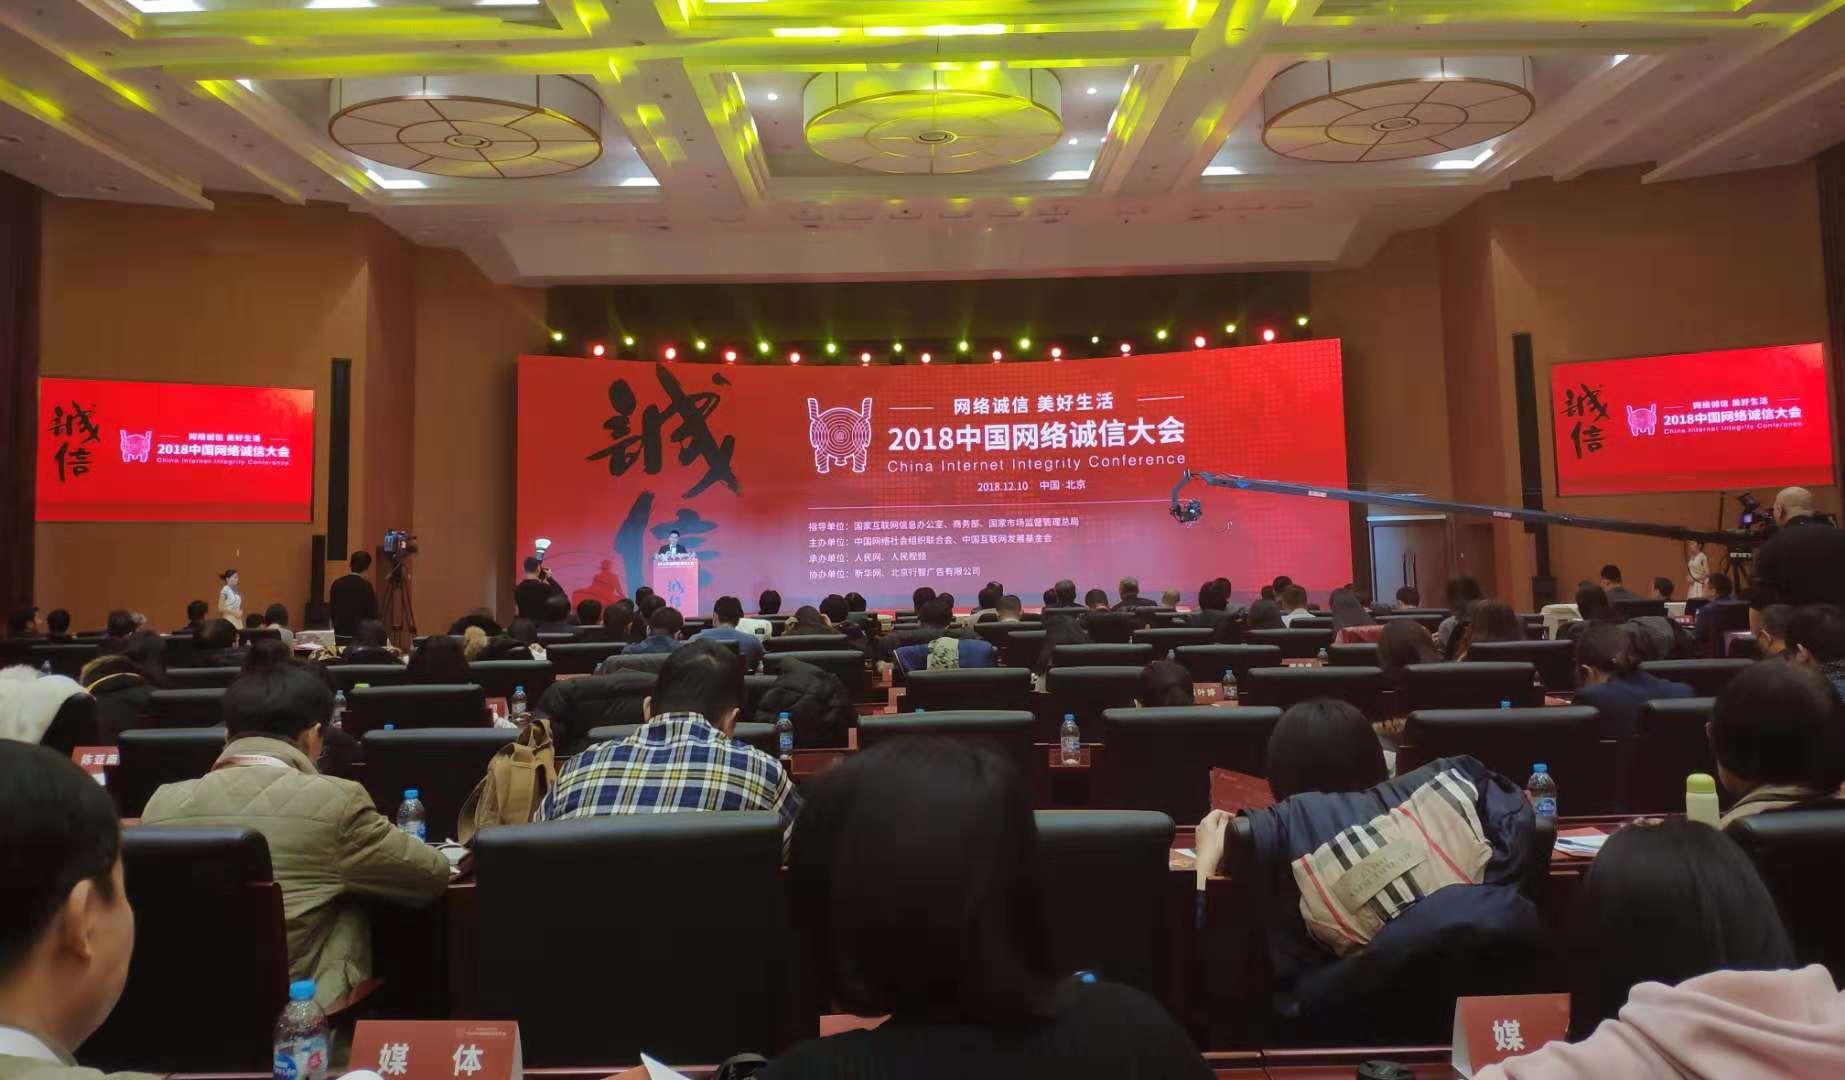 首届中国网络诚信大会举行,阿里、京东称要用区块链技术推进电商诚信